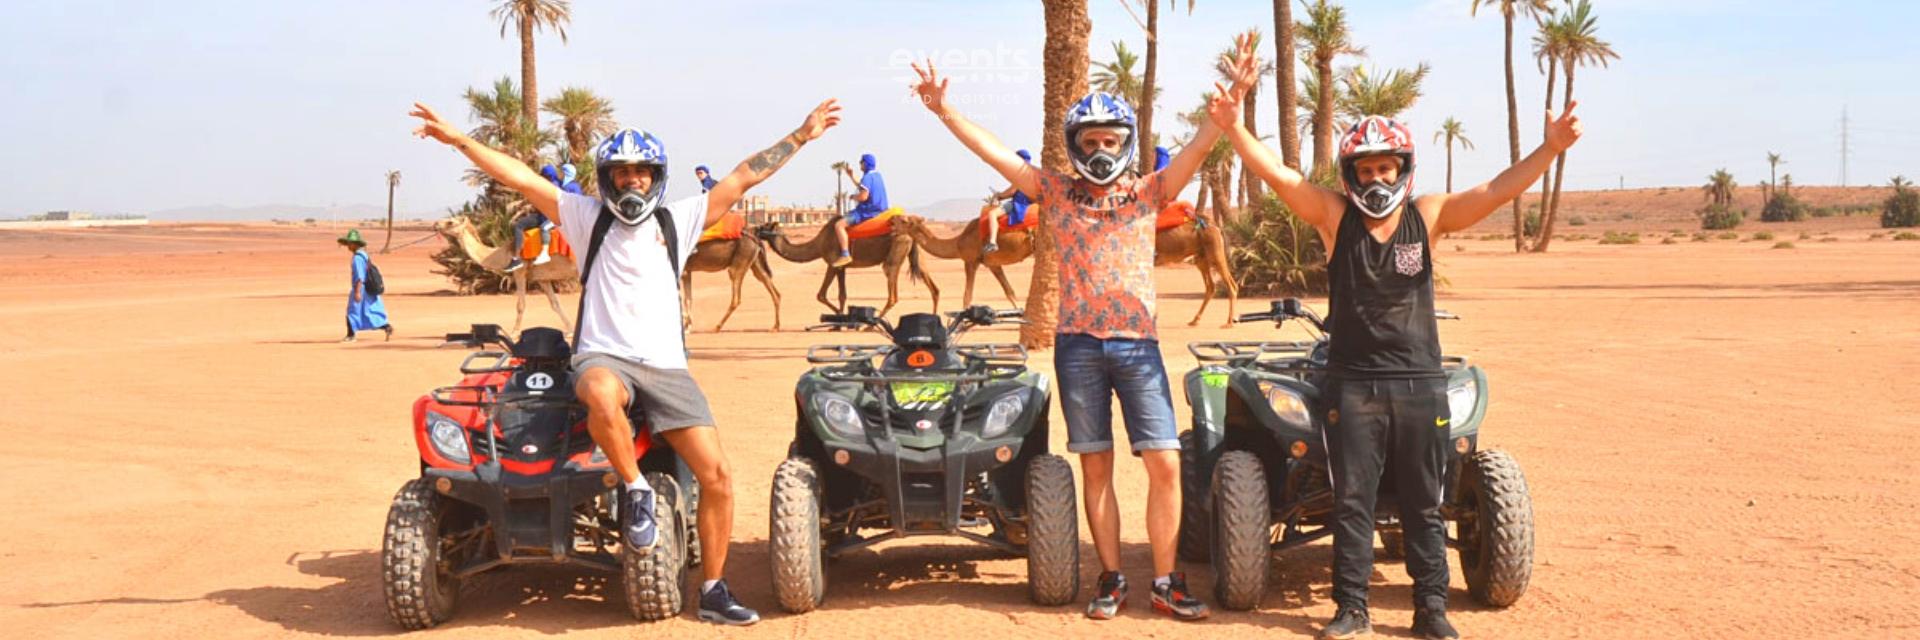 dromadaires & Quads palmeraie de Marrakech